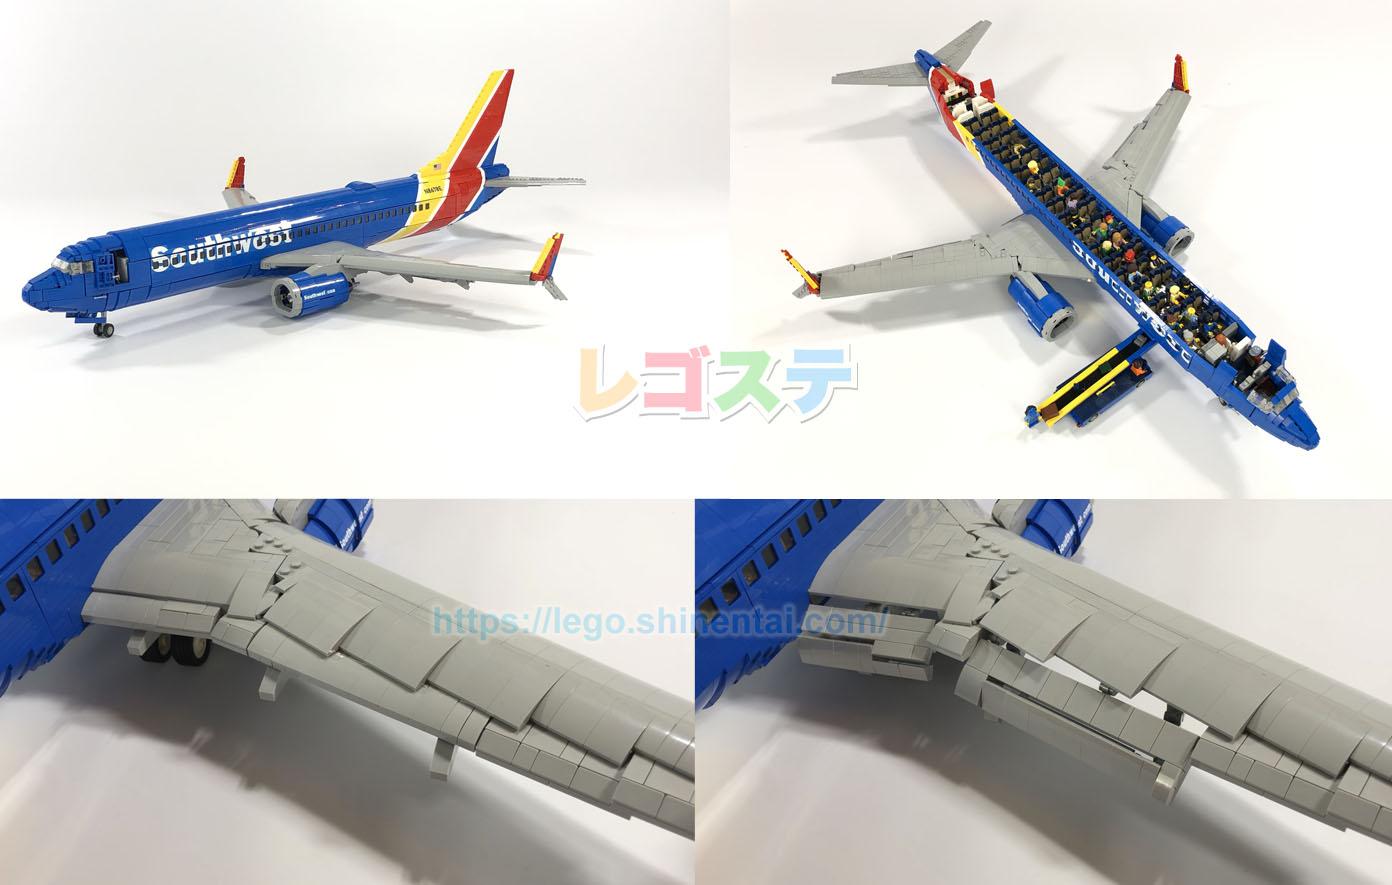 サウスウェスト航空 ボーイング737-800:Southwest 737-800